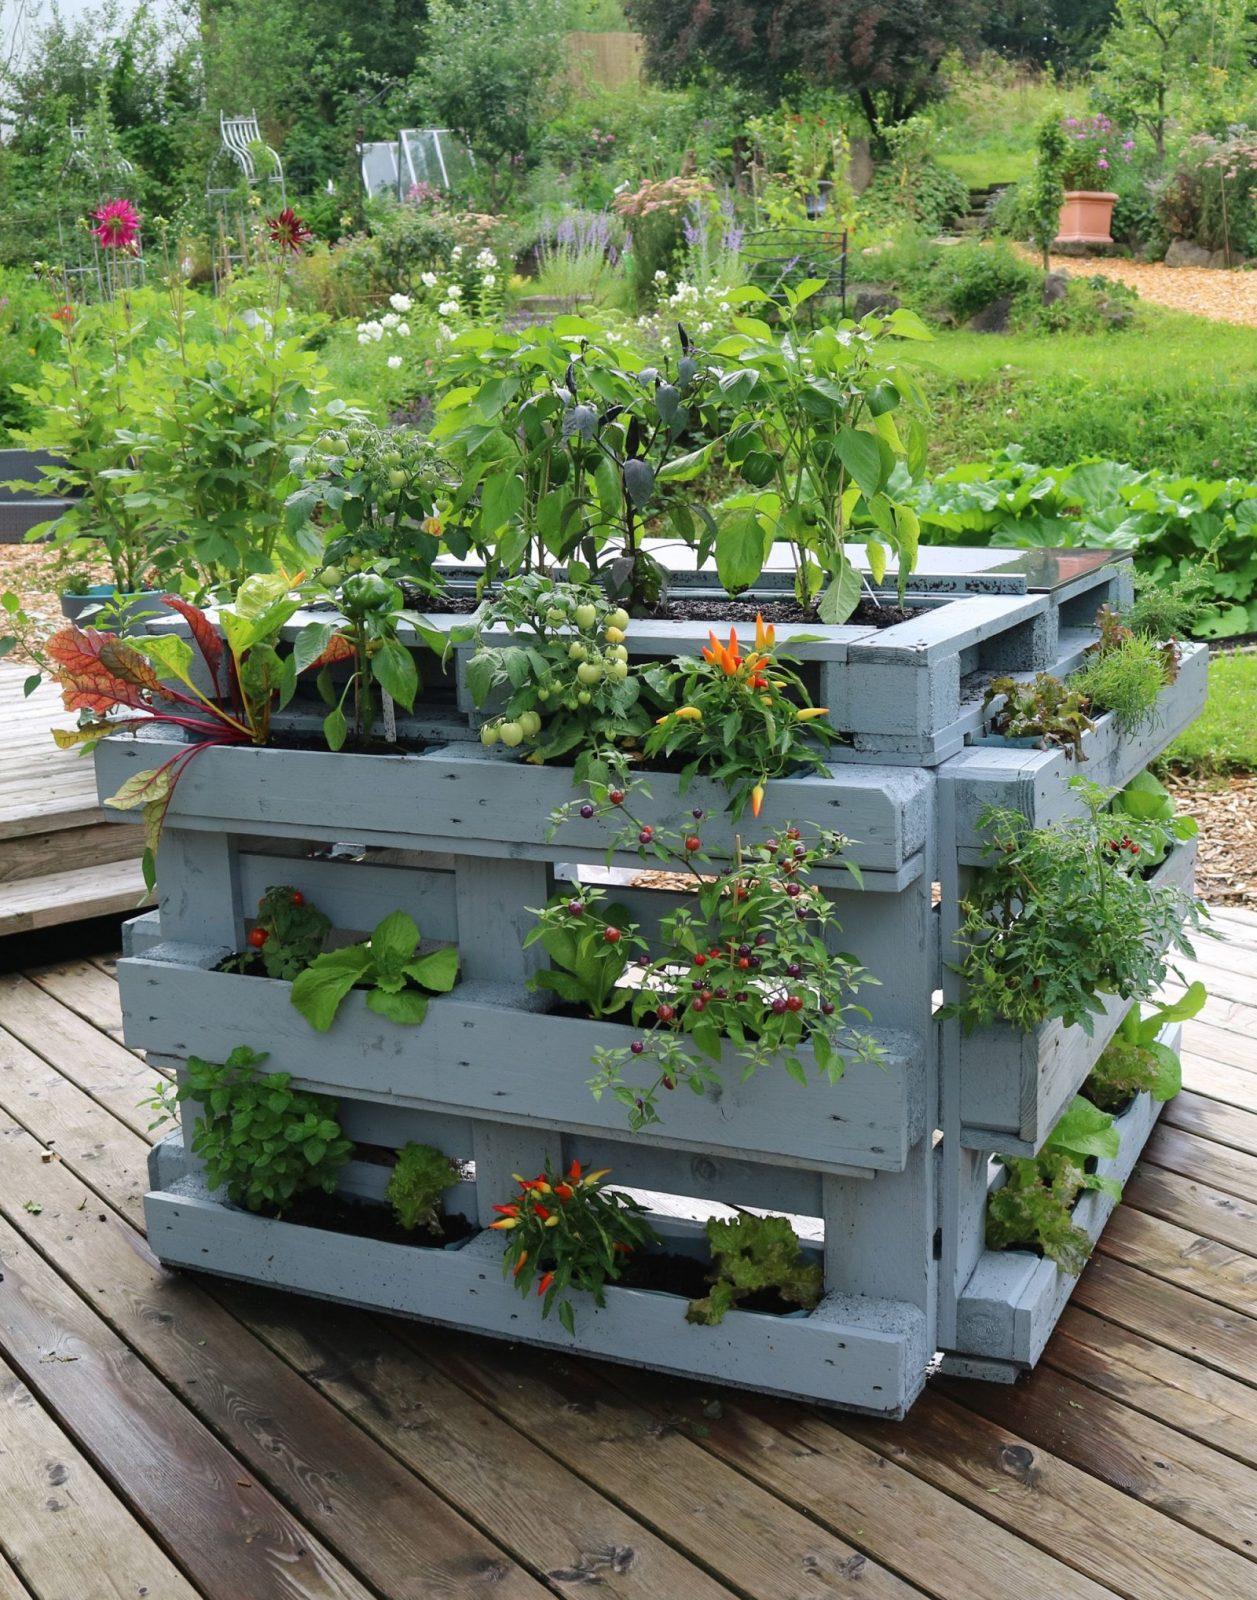 20 Kreative Projekte Zum Selber Machen Für Deinen Balkon Deiner von Kreative Gartengestaltung Selber Machen Bild